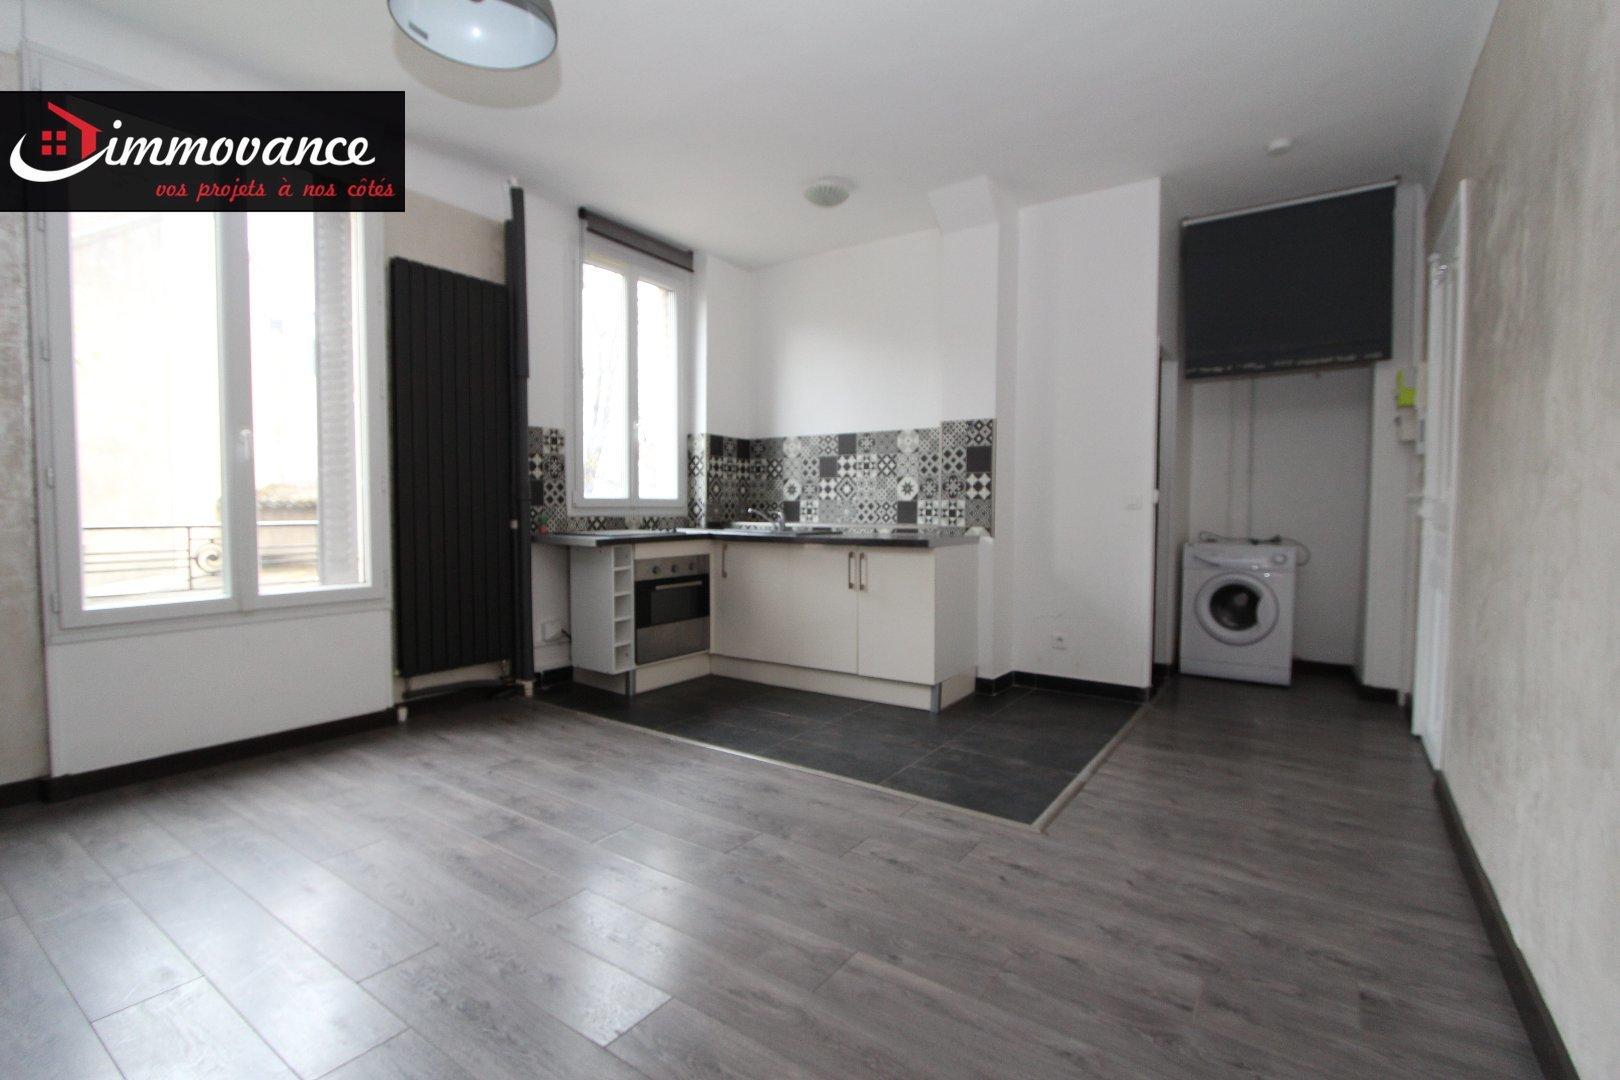 Appartement a vendre nanterre - 1 pièce(s) - 25 m2 - Surfyn